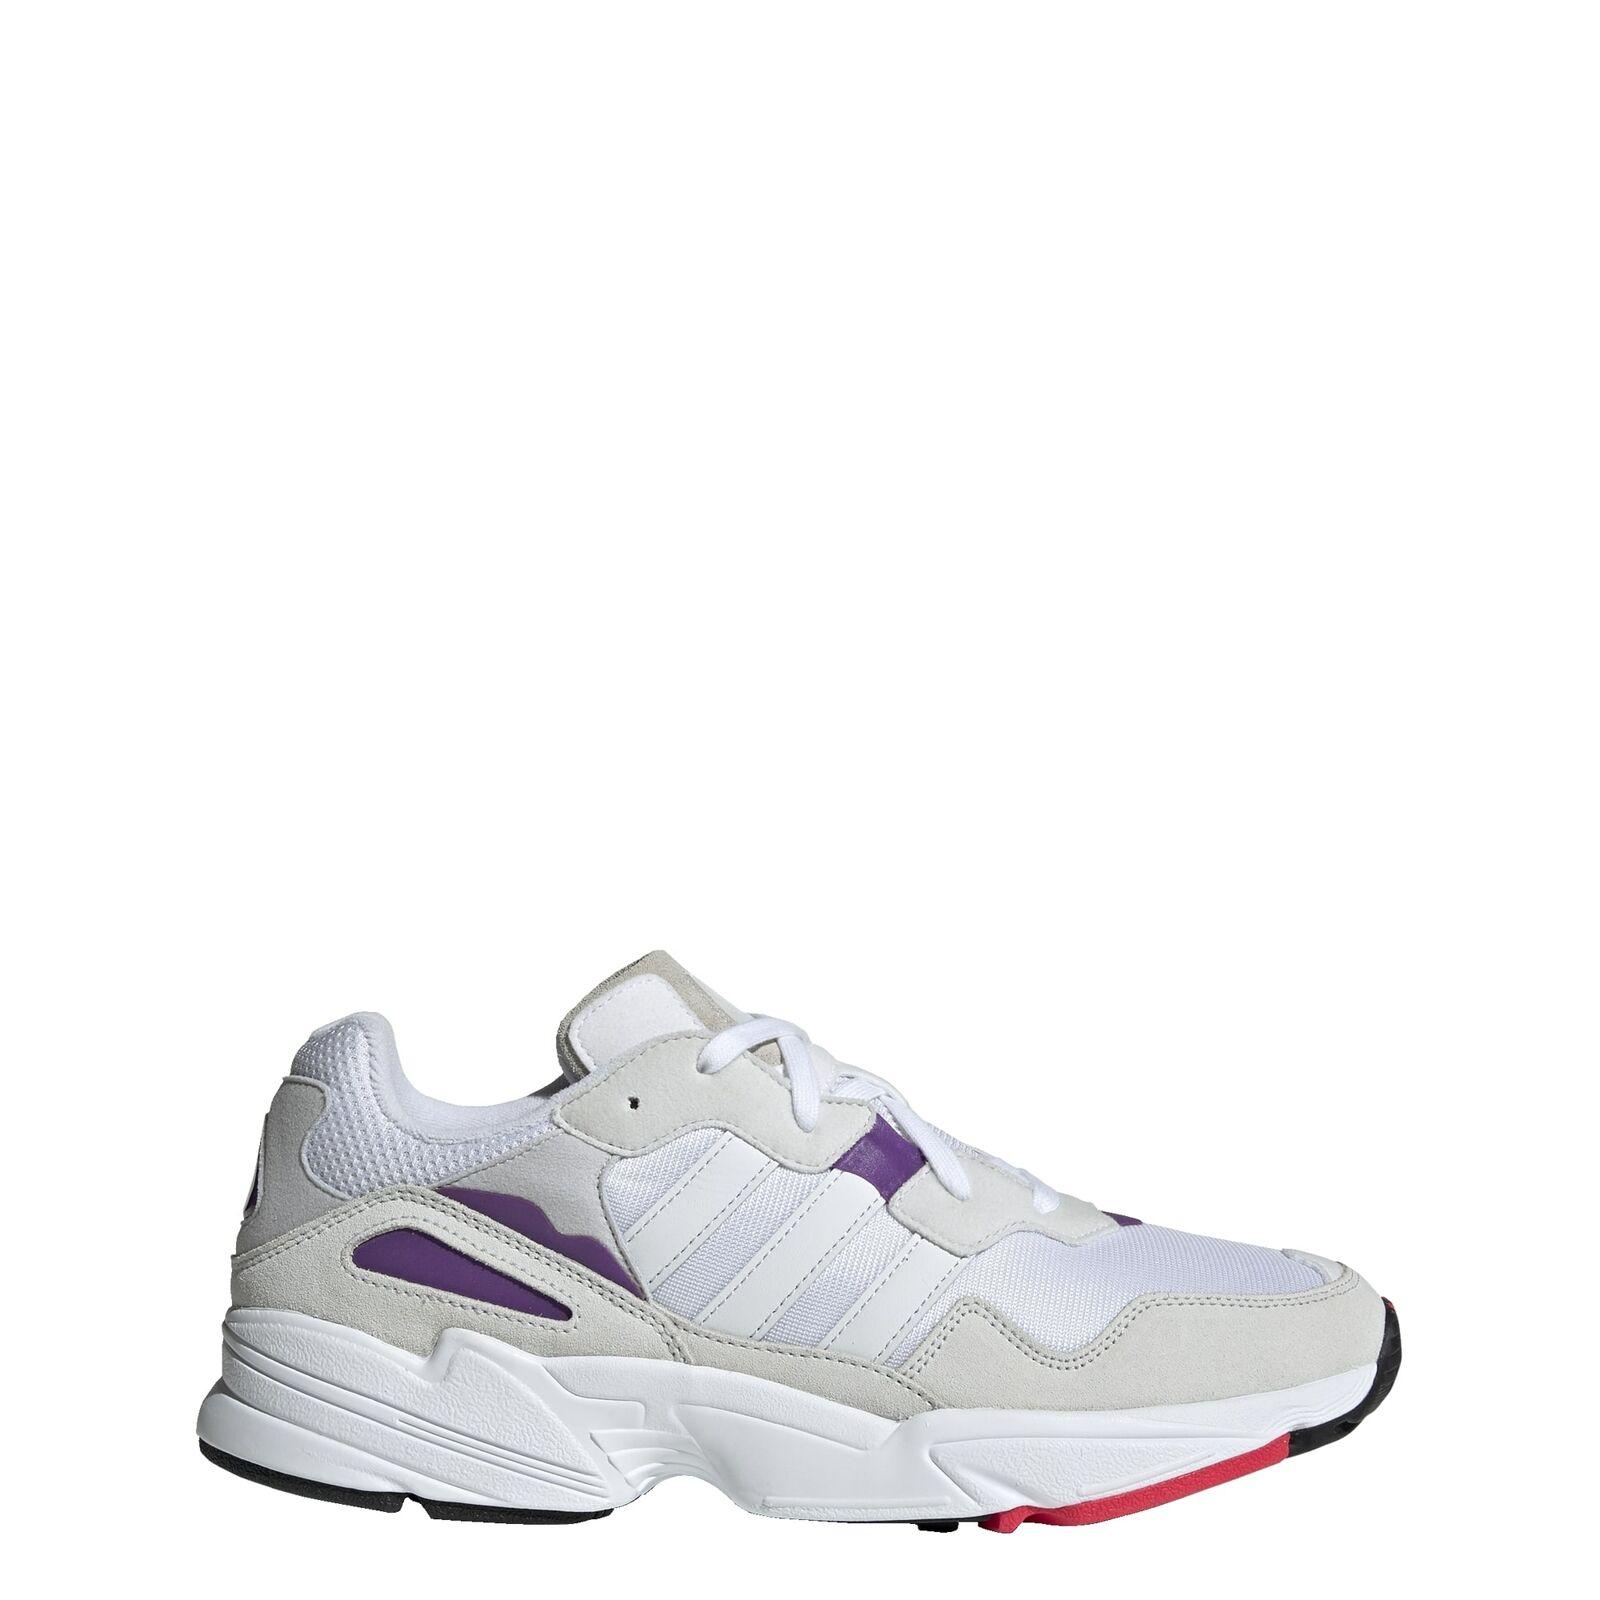 Adidas Originals Yung-96 Schuh Herren Trainers;Lifestyle Trainers Weiß Freizeit